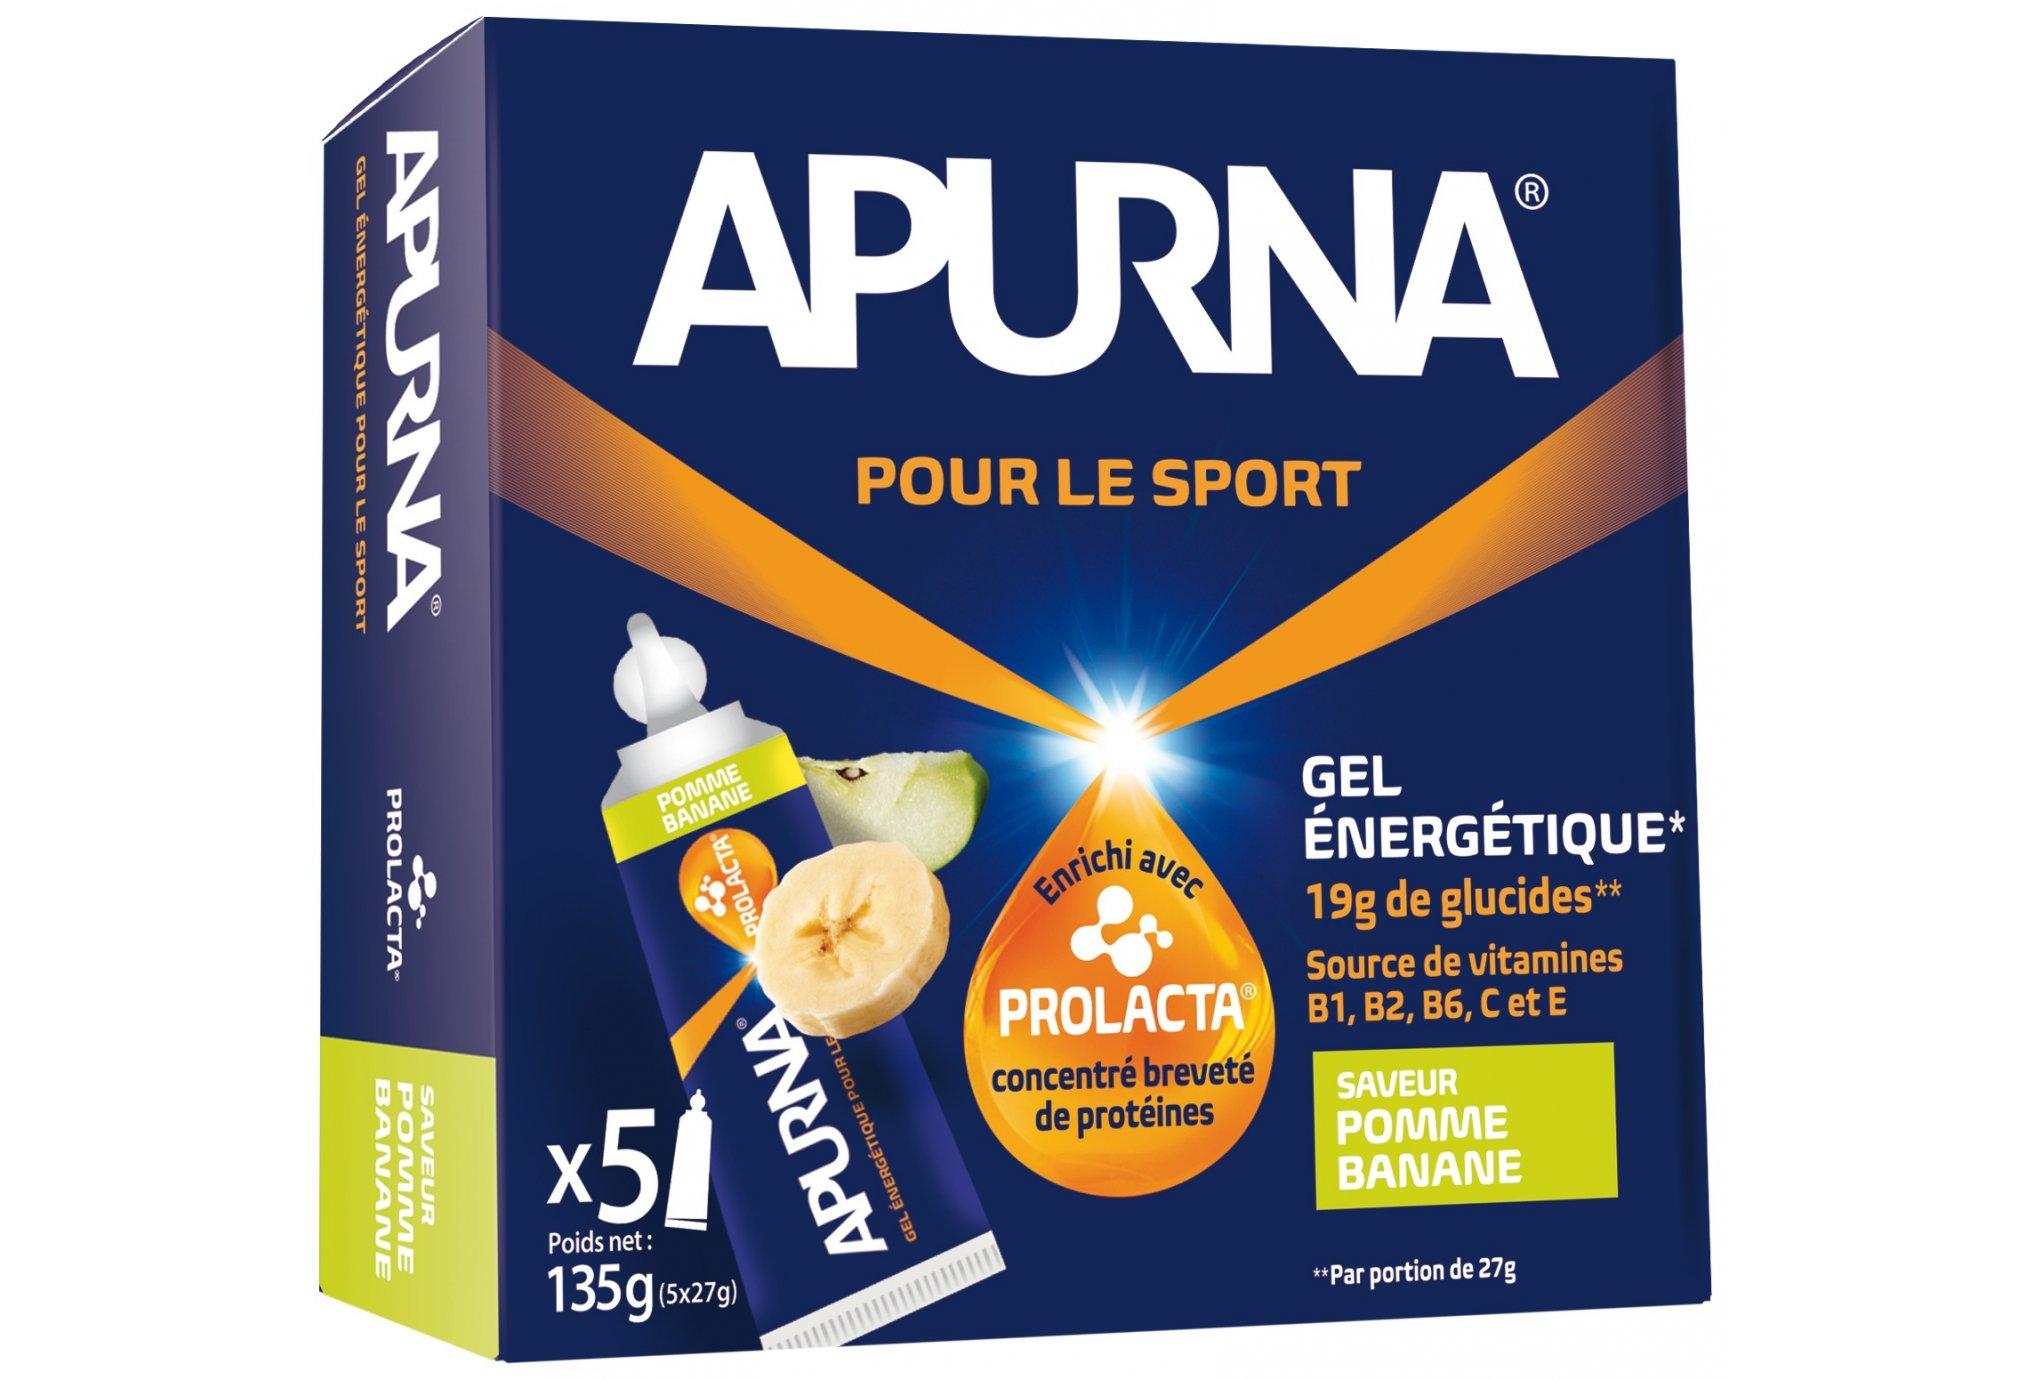 Apurna Etui gels energétiques - pomme/banane diététique gels